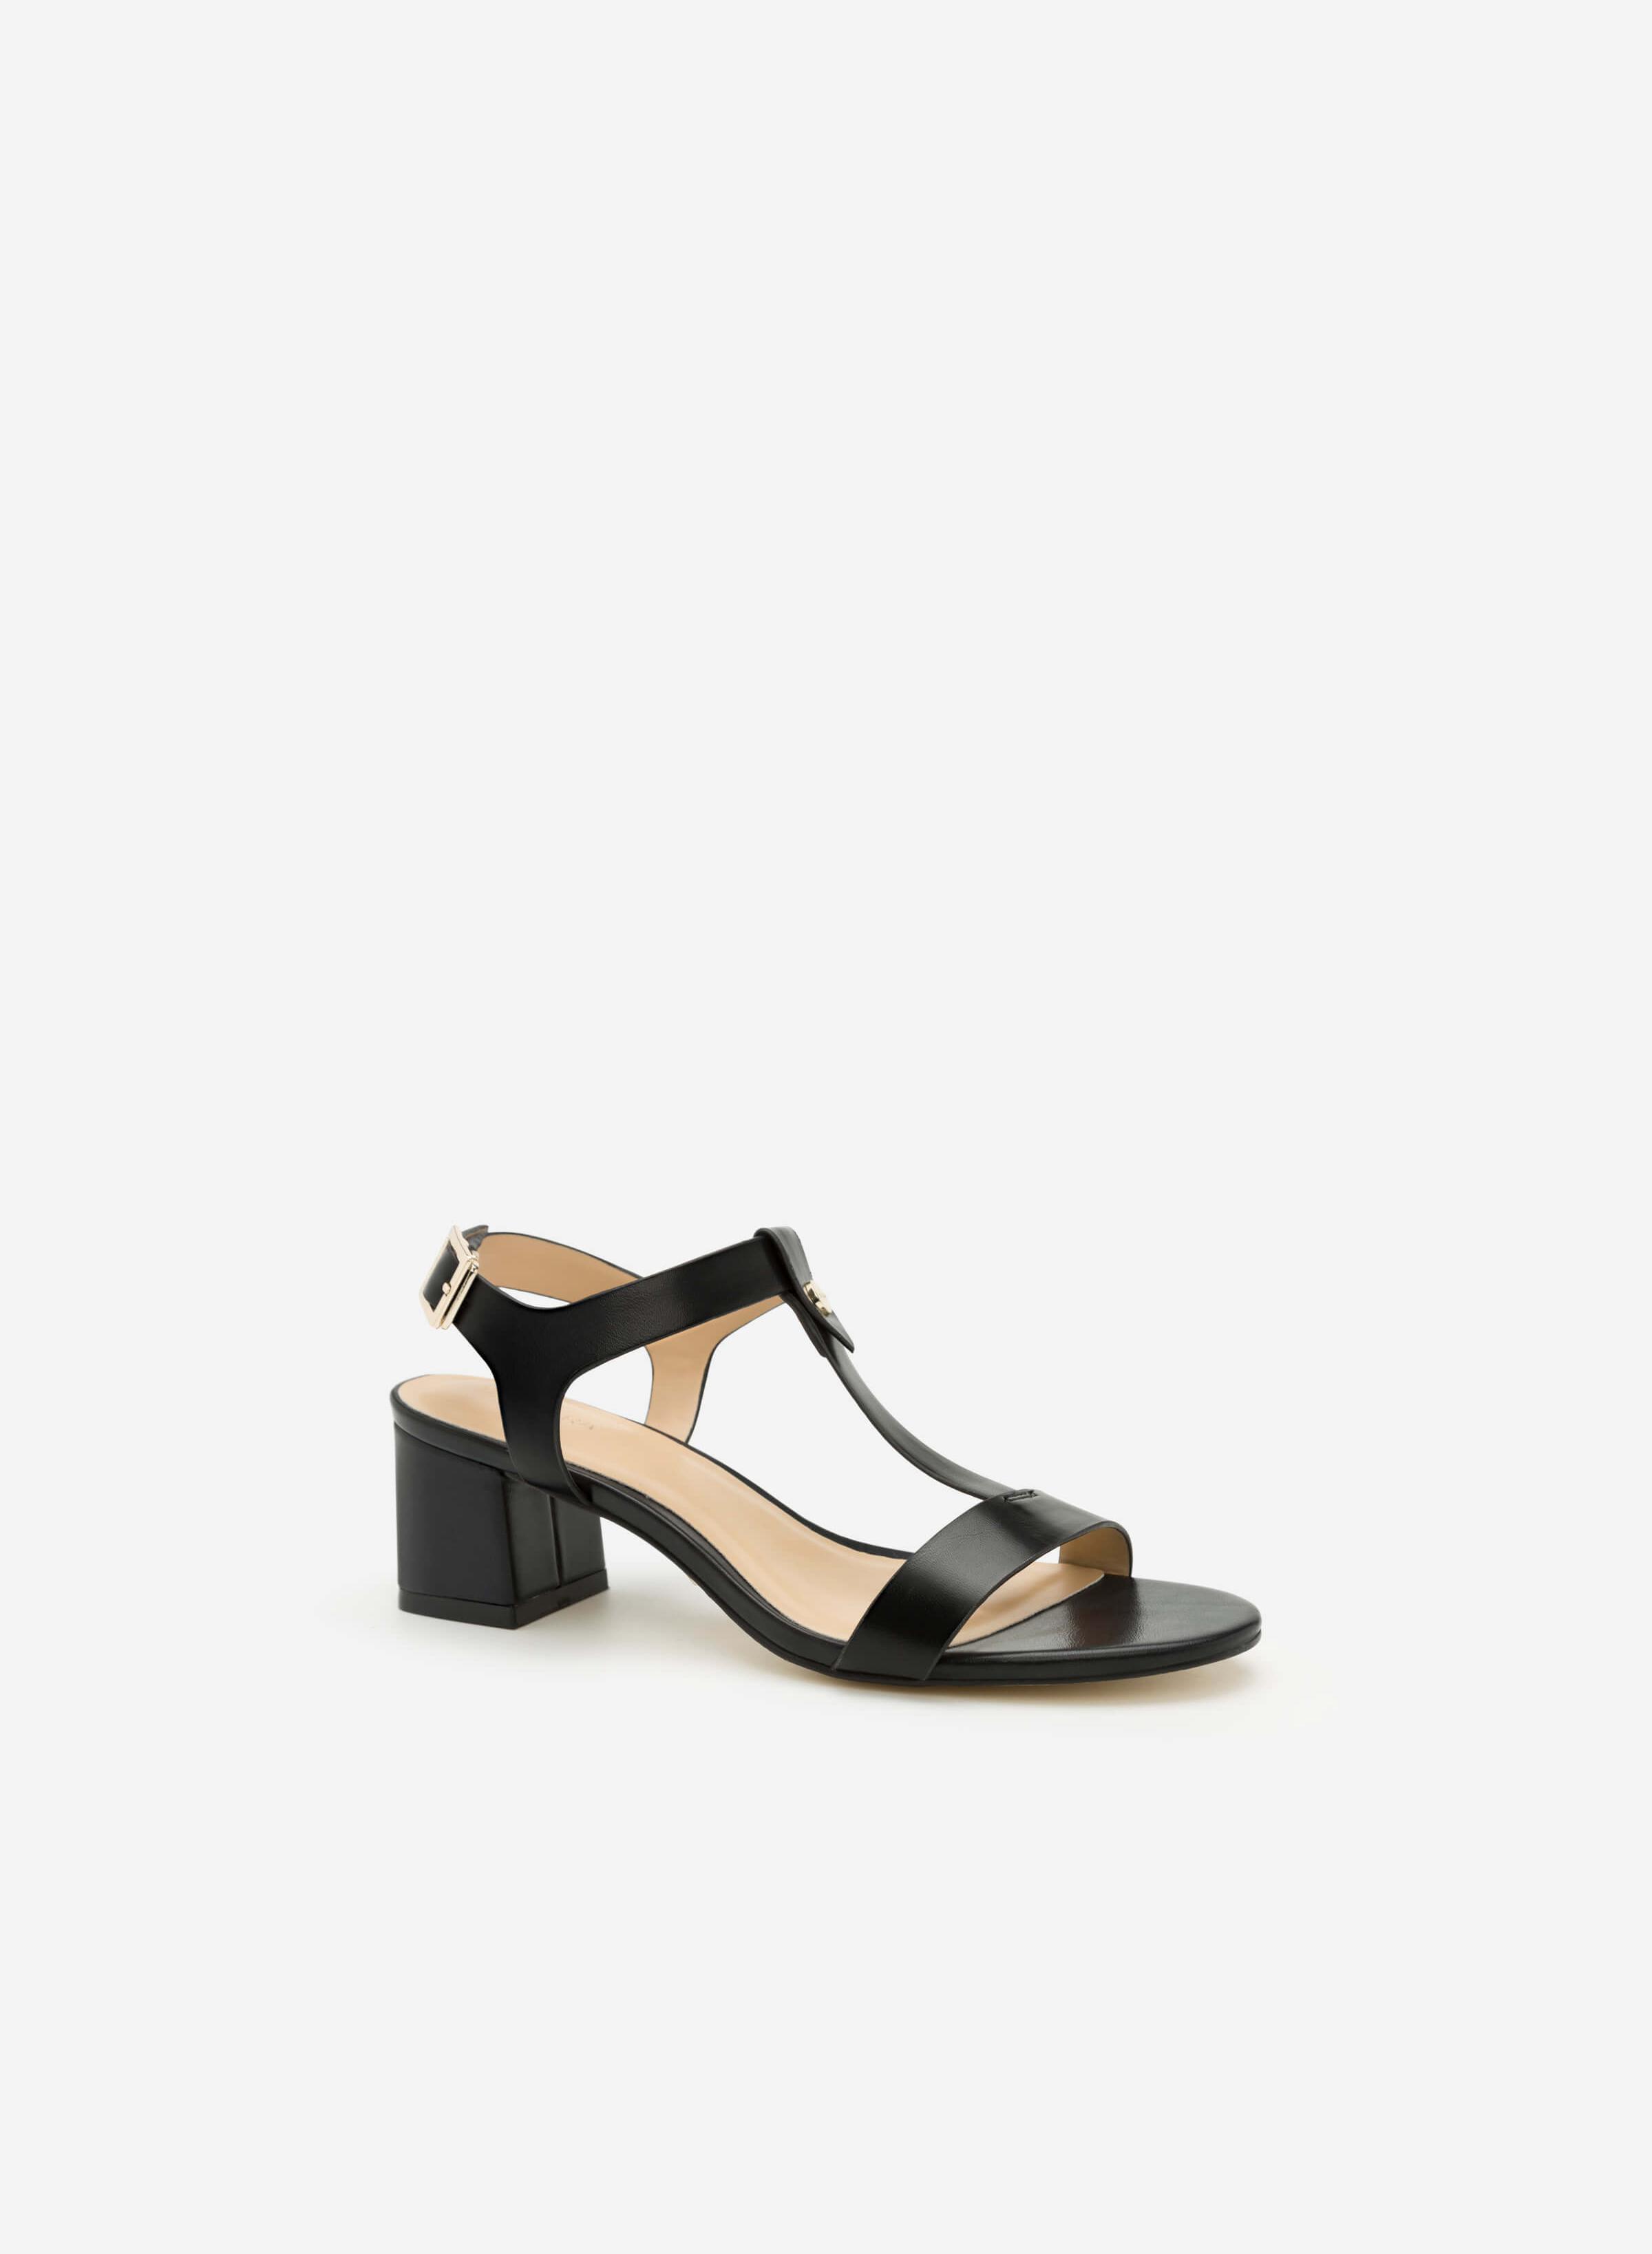 Giày Sandal Gót Vuông Quai Chữ T - Màu Đen - SDN 0601 Vascara